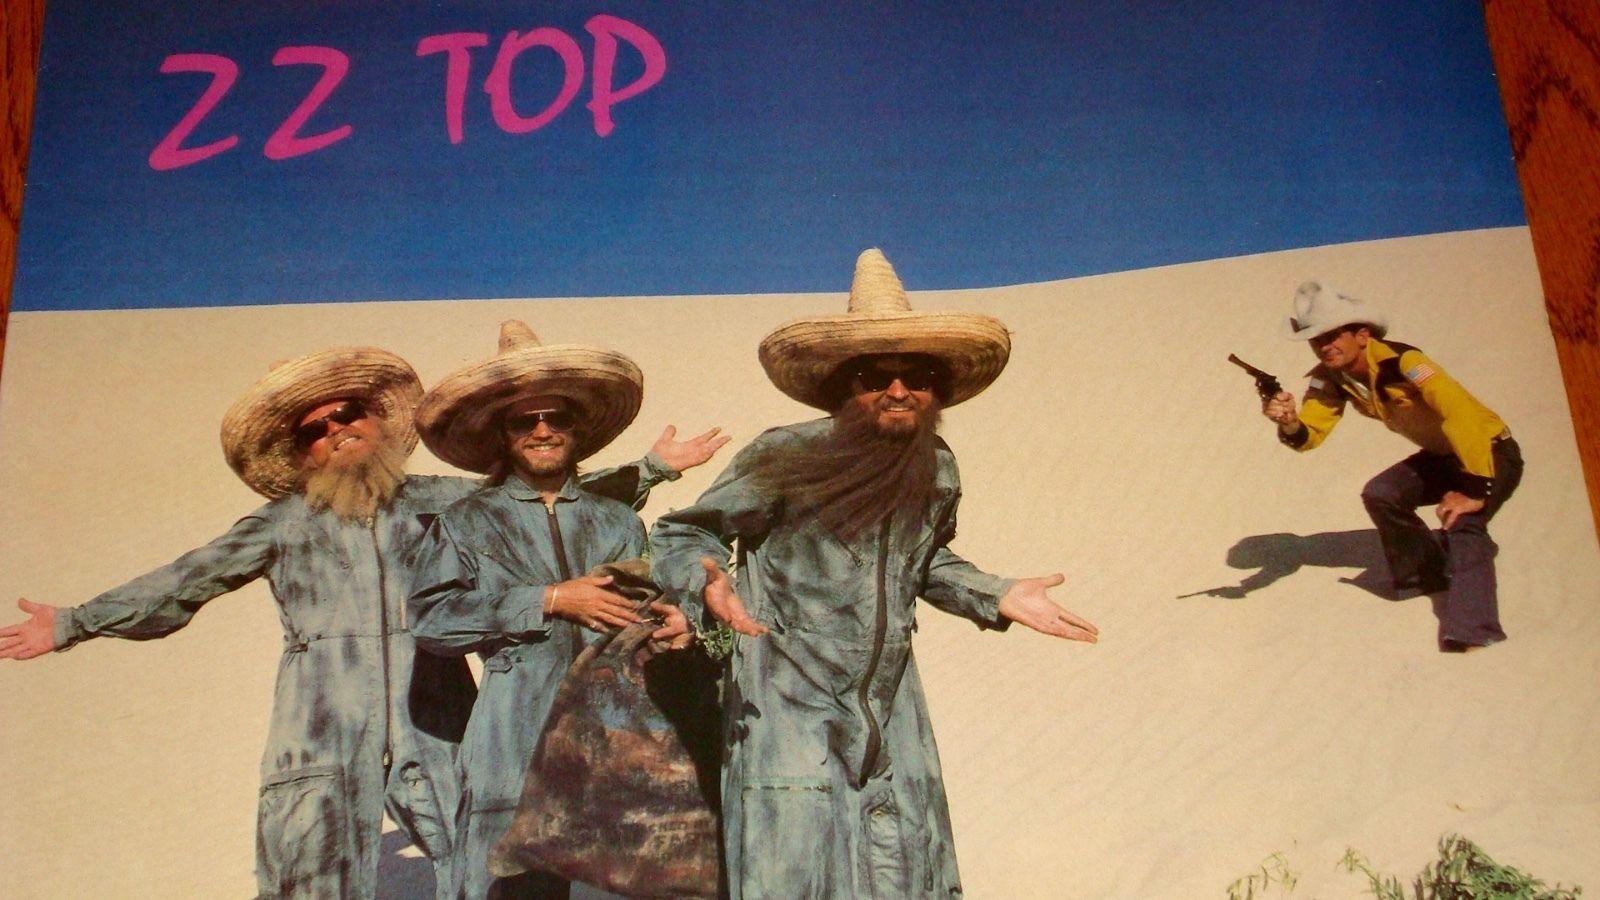 ZZ TOP EL LOCO ORIGINAL LP STILL FACTORY SEALED 1981